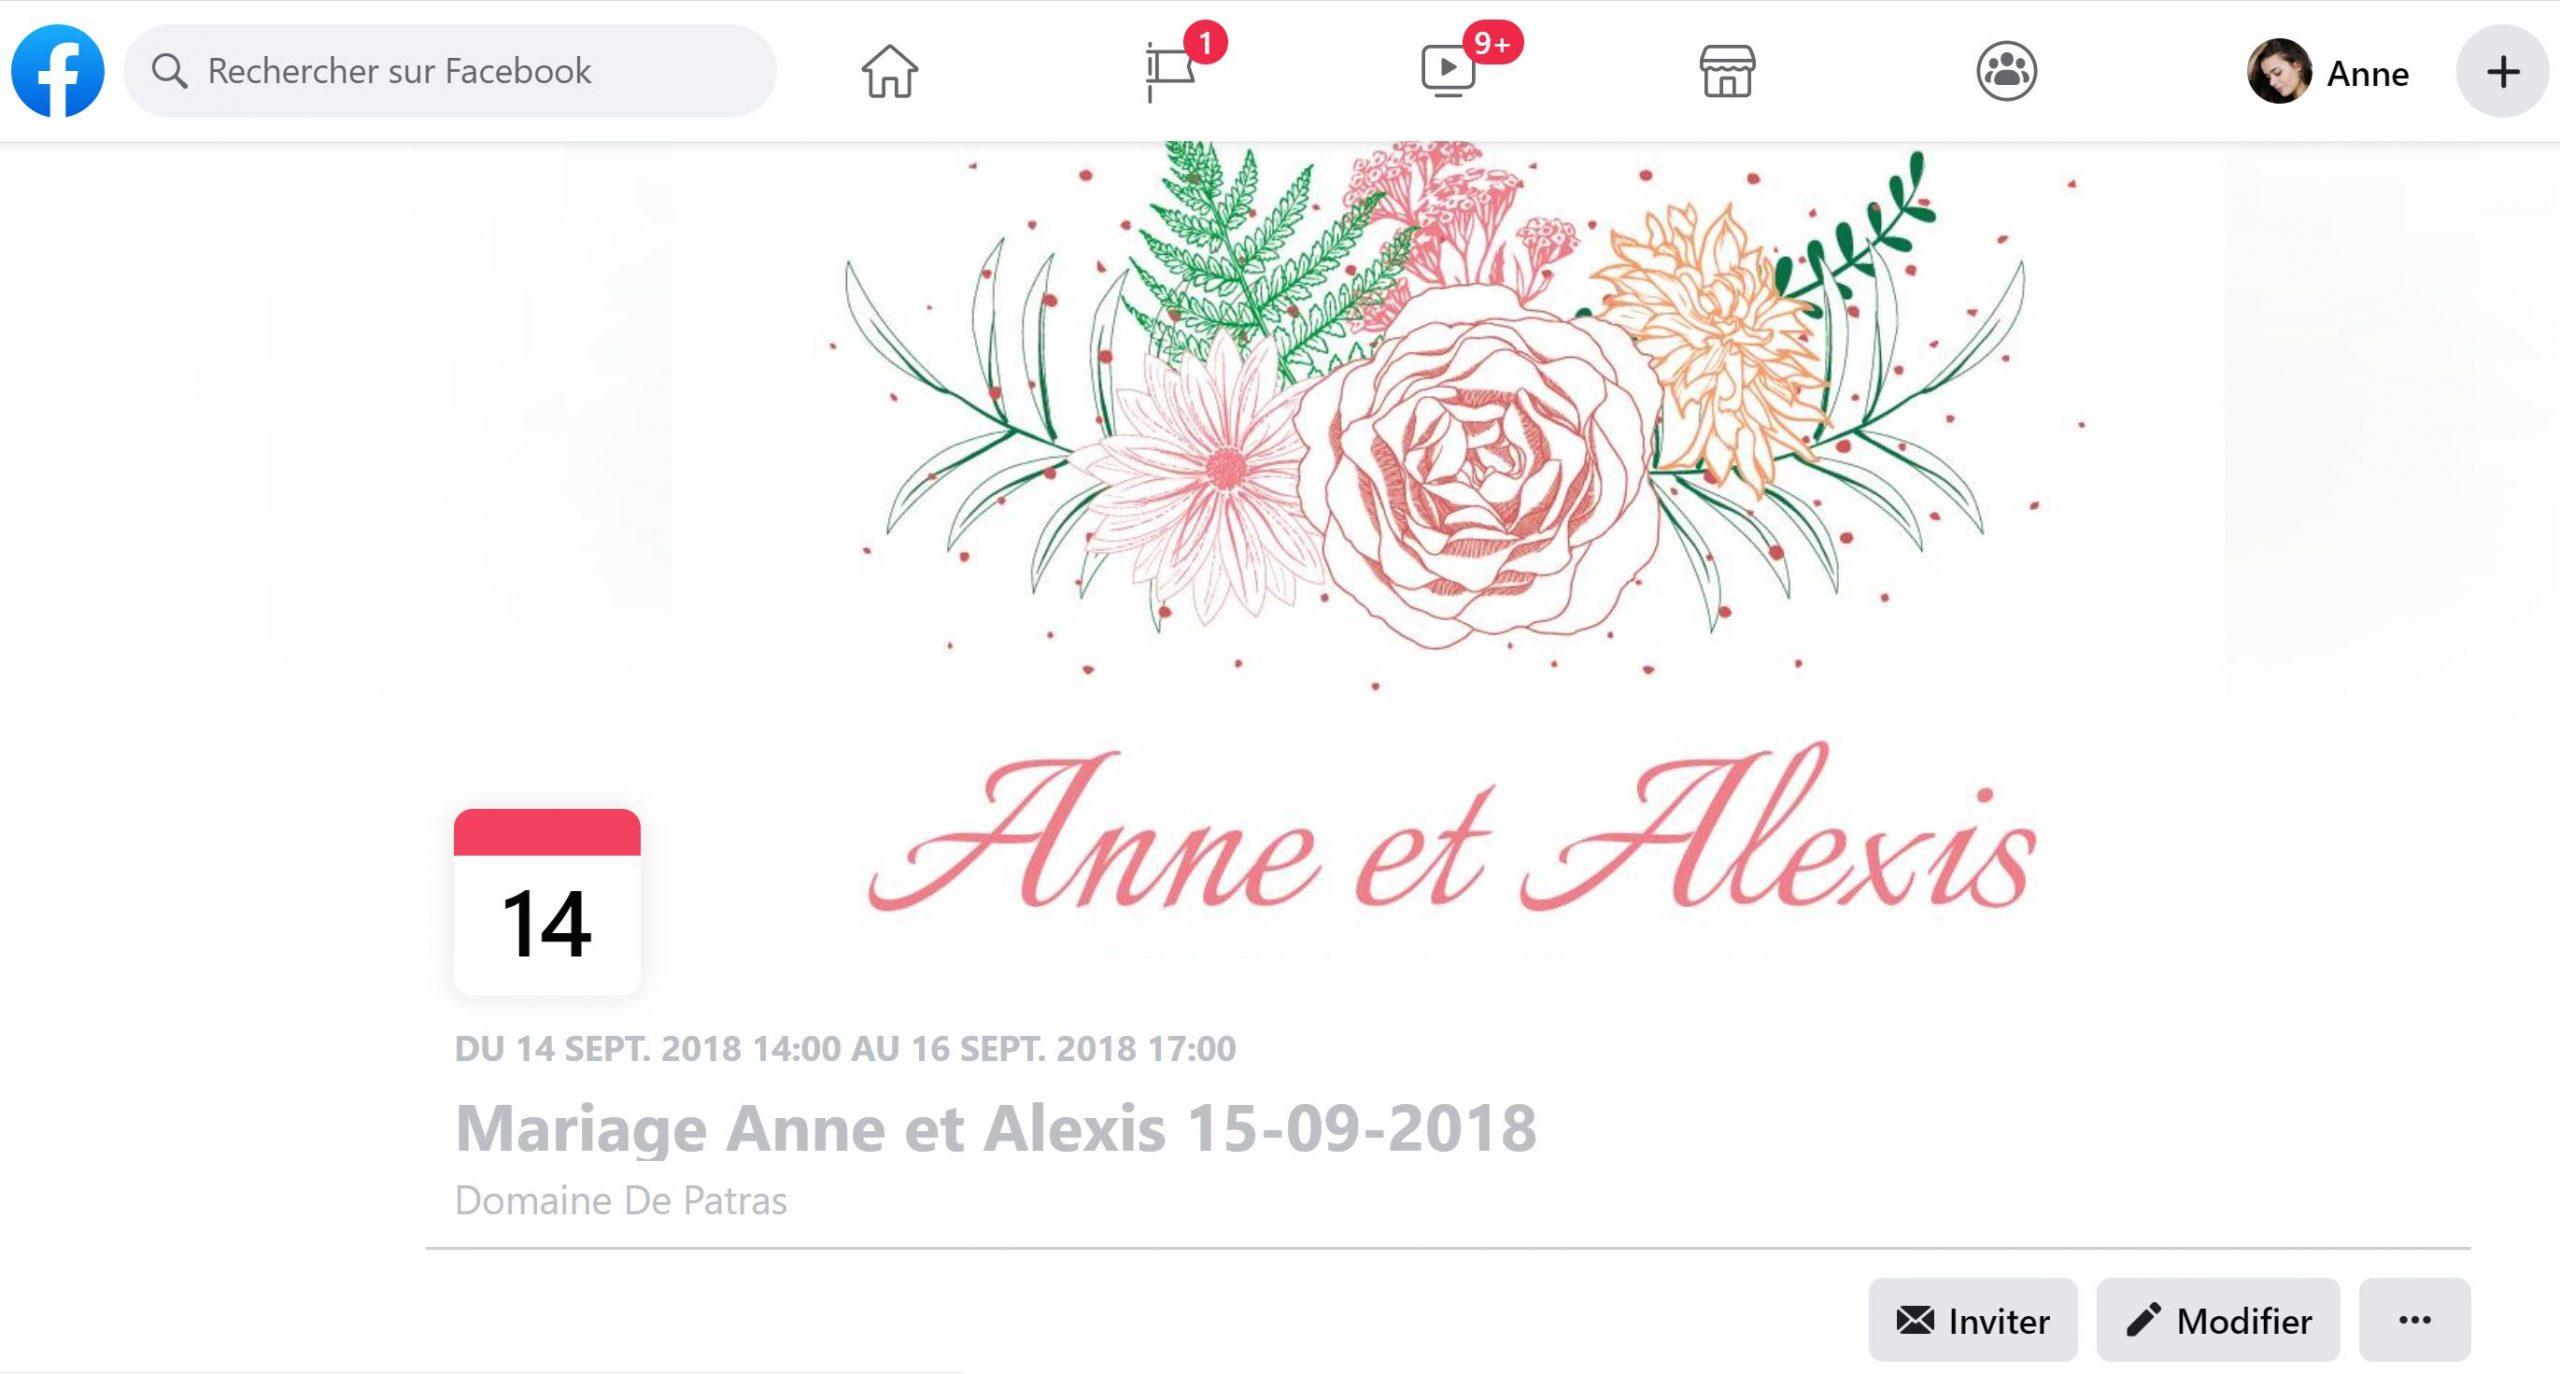 Un site Internet et un événement Facebook pour notre mariage !